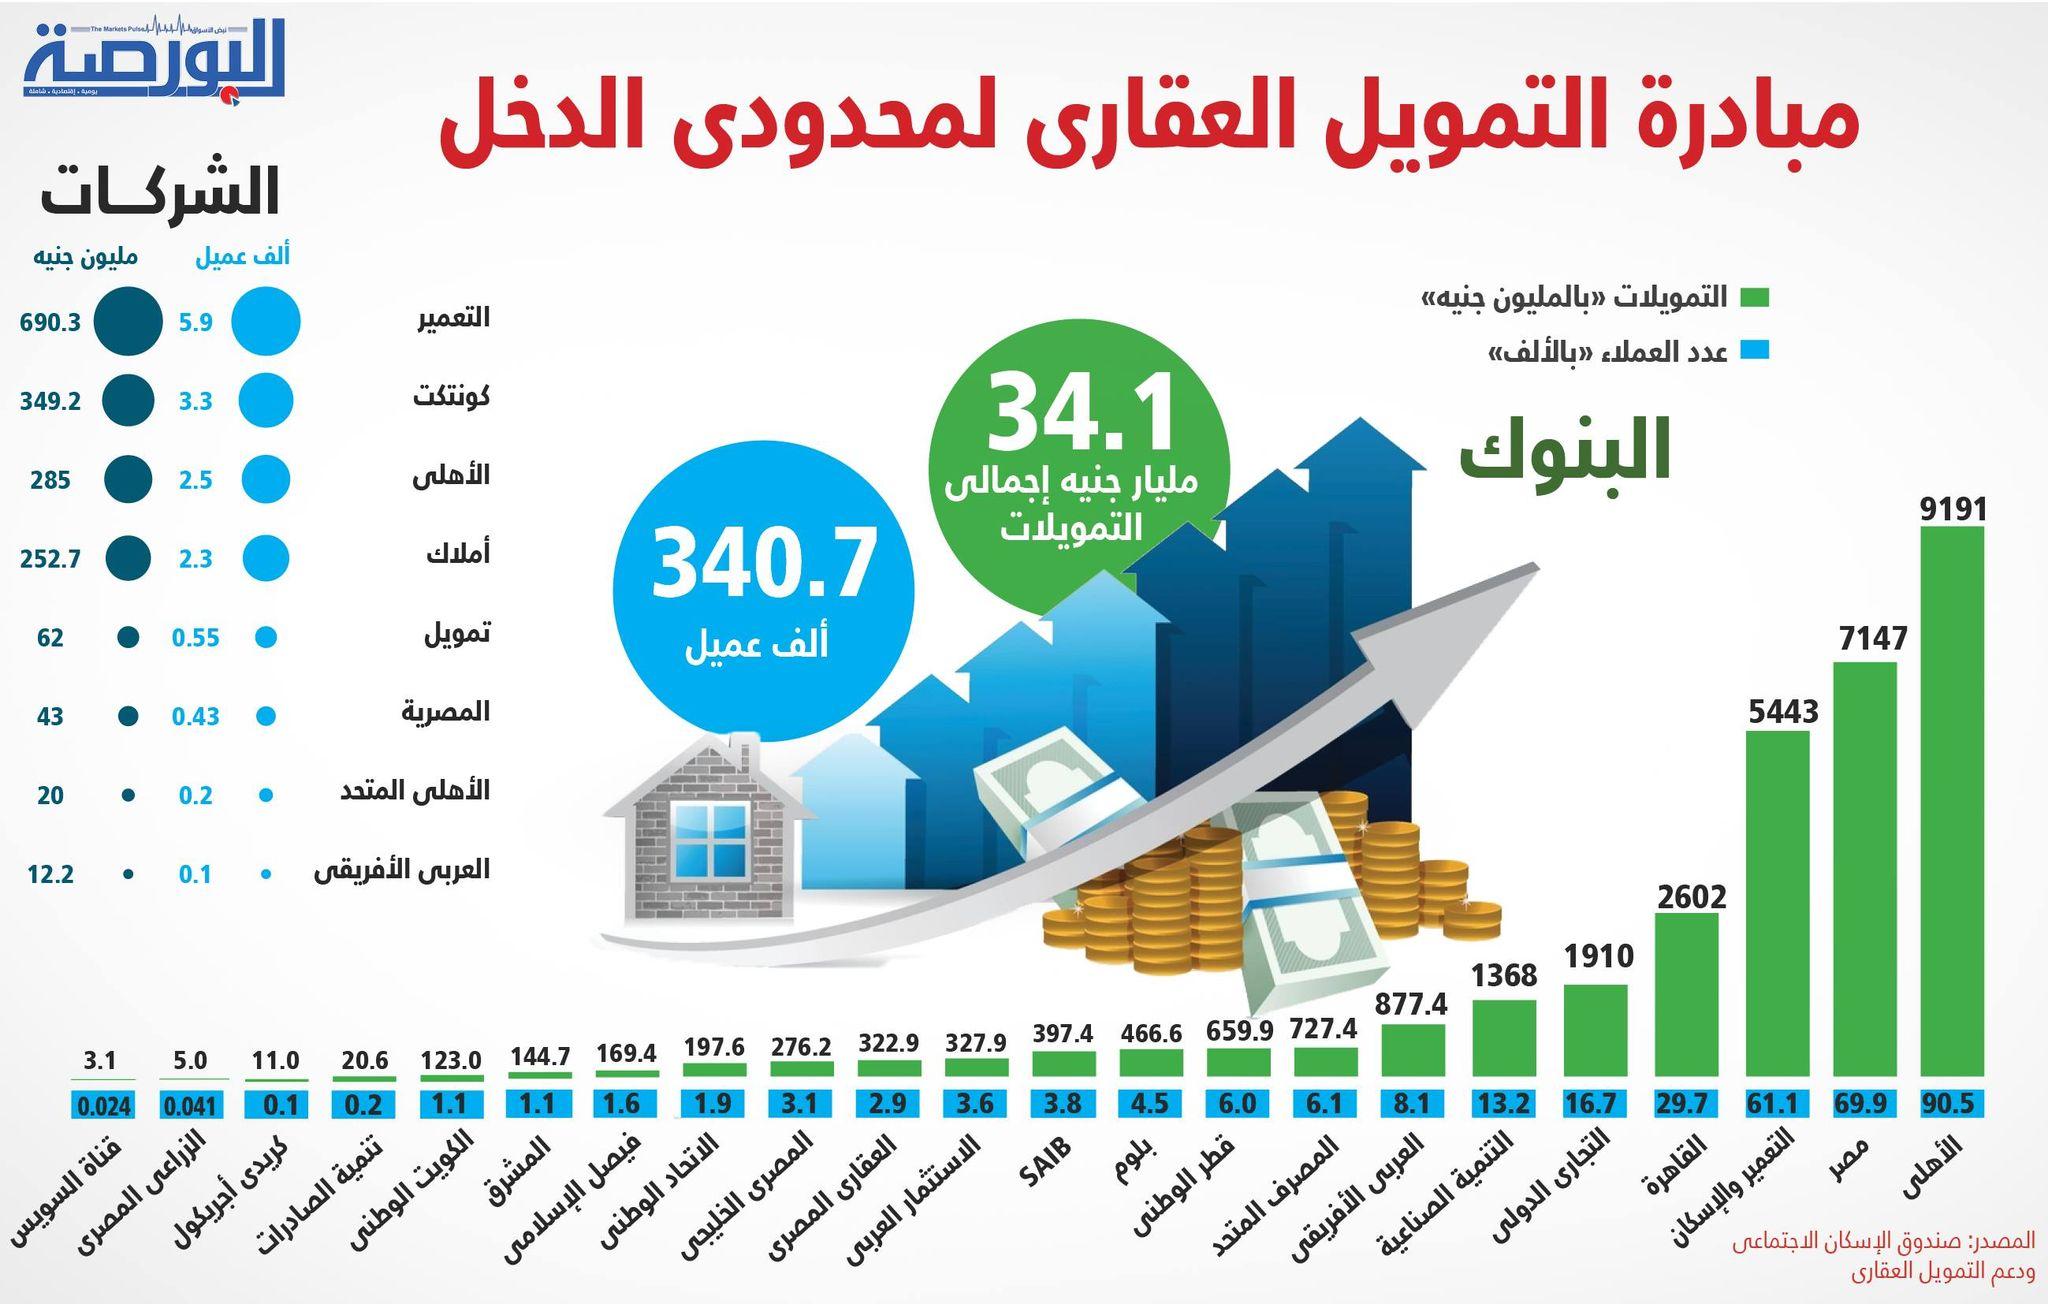 مبادرة التمويل العقارى لمحدودى الدخل